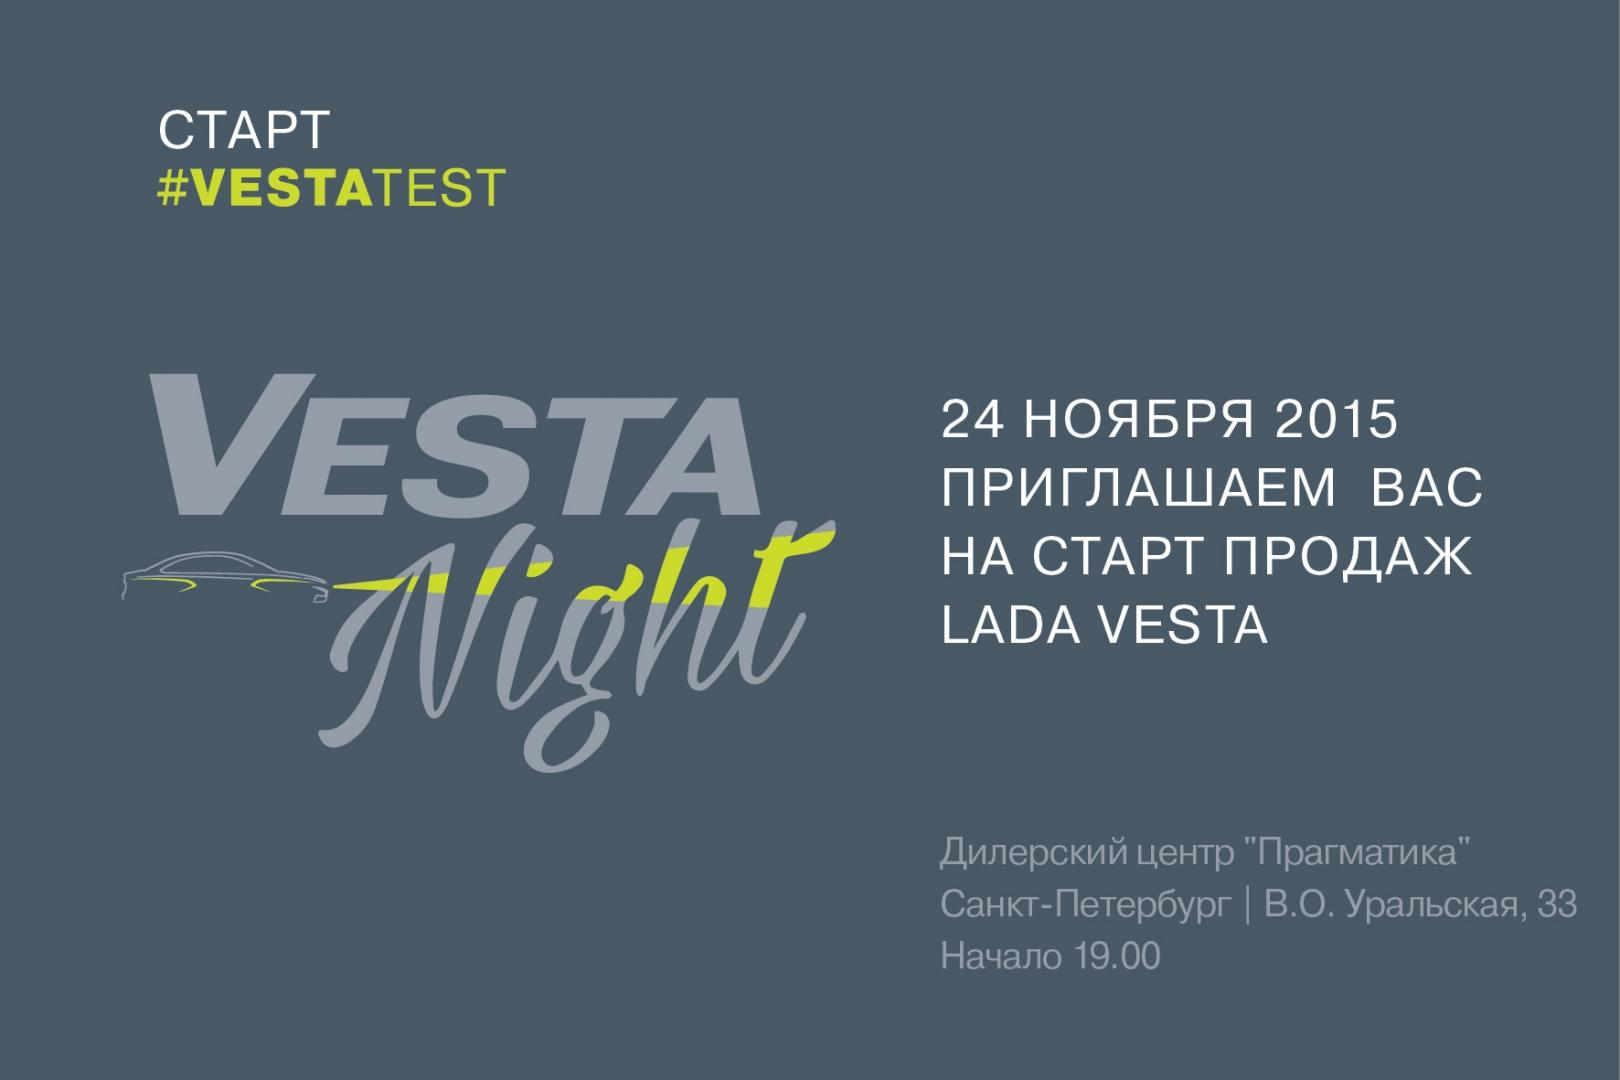 Приглашаем Вас на презентацию LADA Vesta!